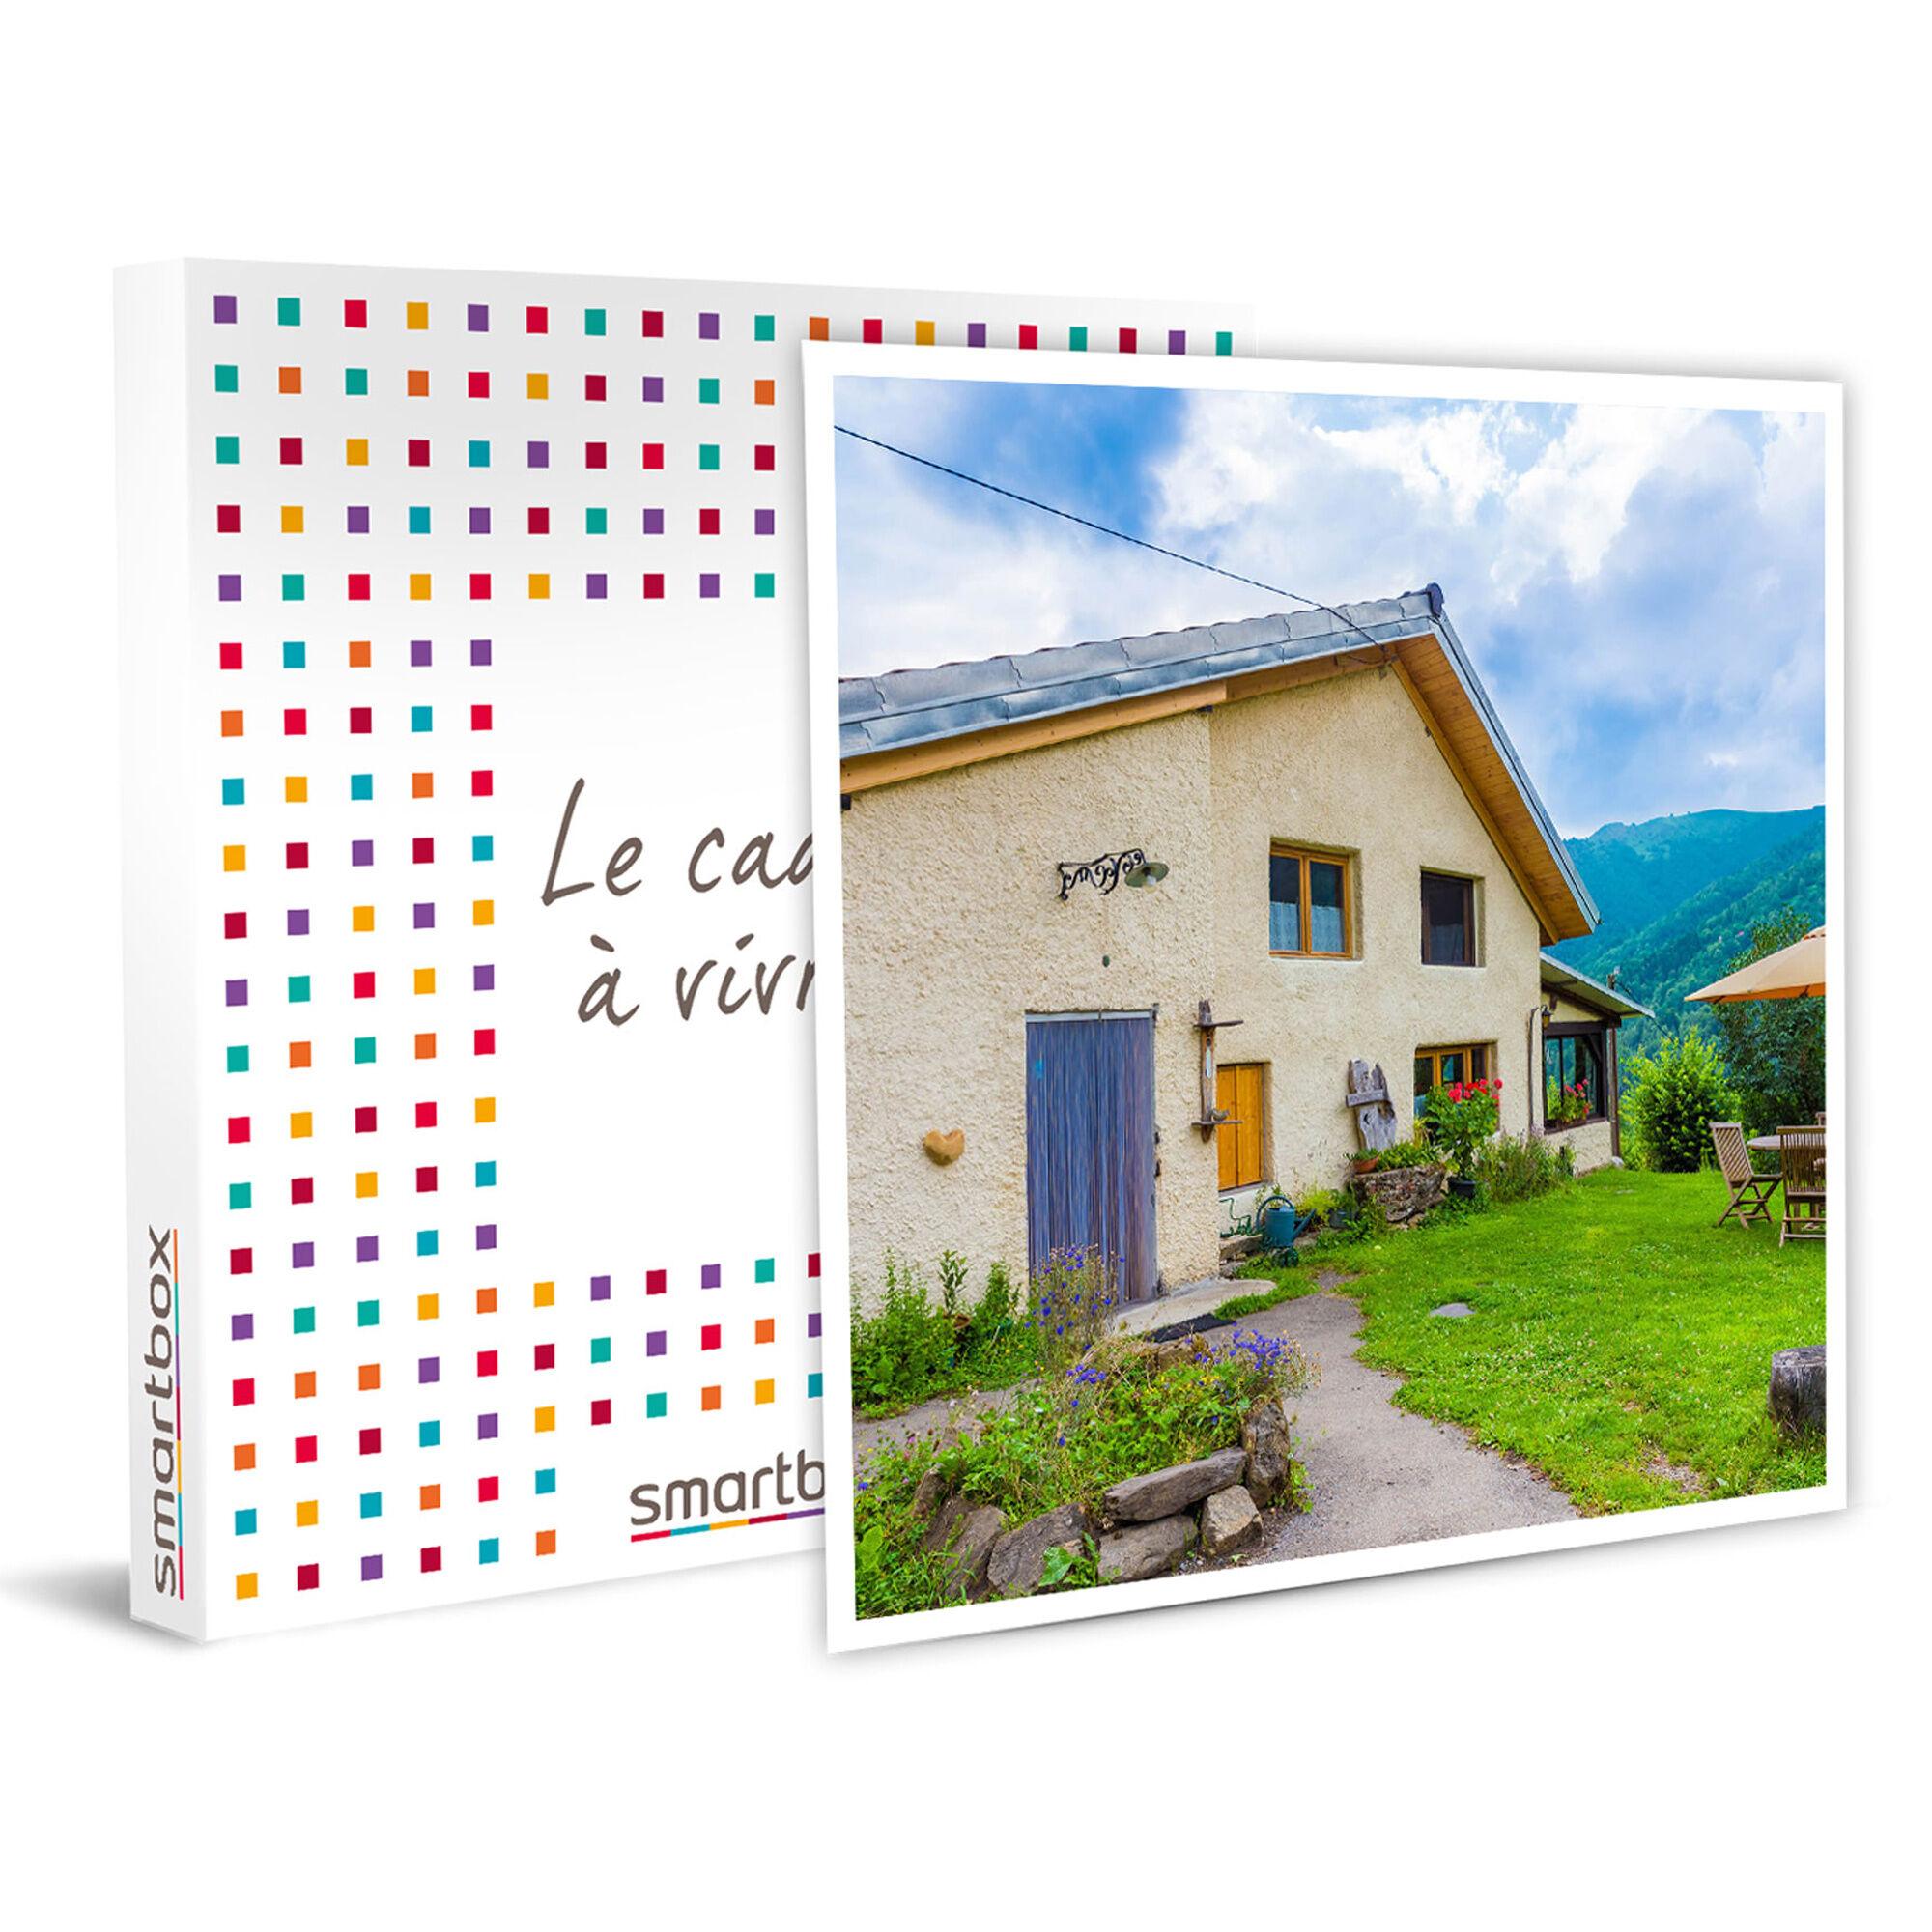 Smartbox Séjour à deux en maison d'hôtes en France Coffret cadeau Smartbox